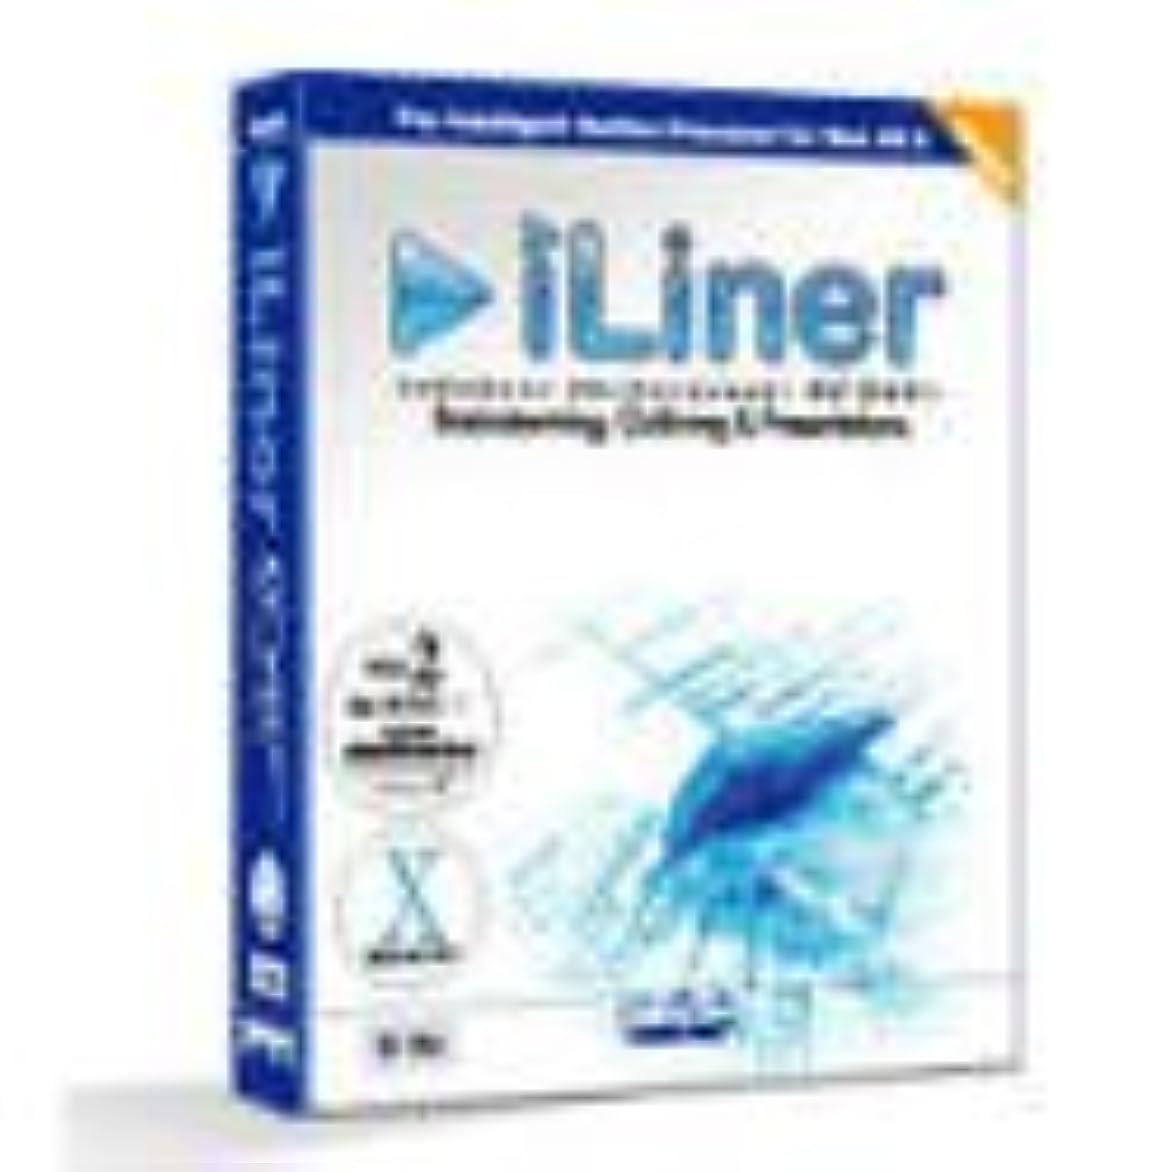 前出します冊子iLiner ver.2